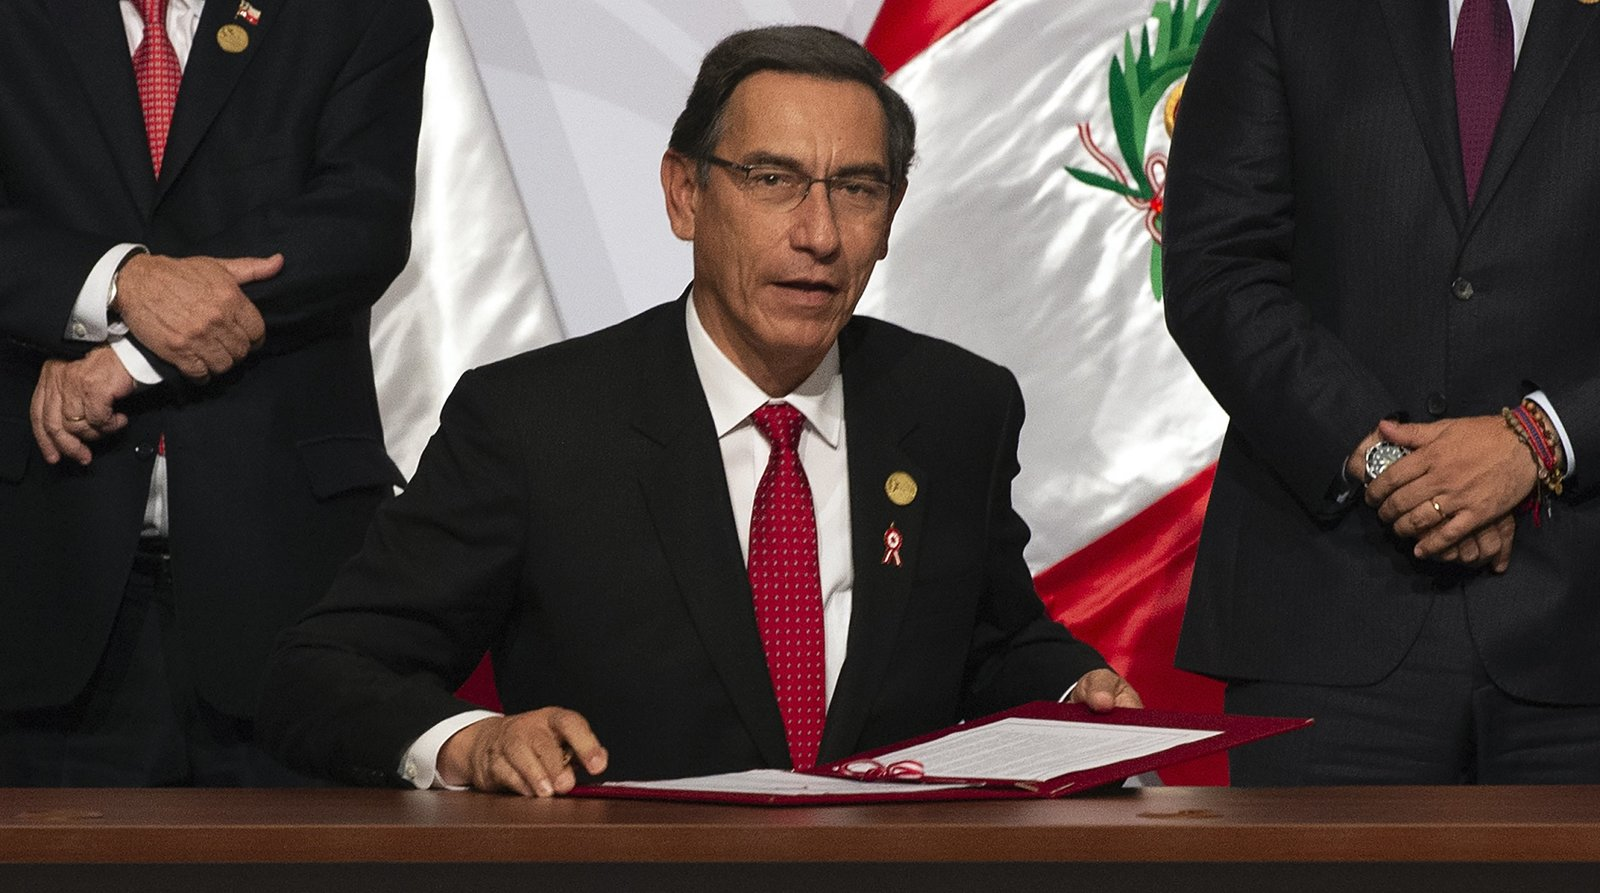 Presidentes latinoamericanos que no terminaron su mandato